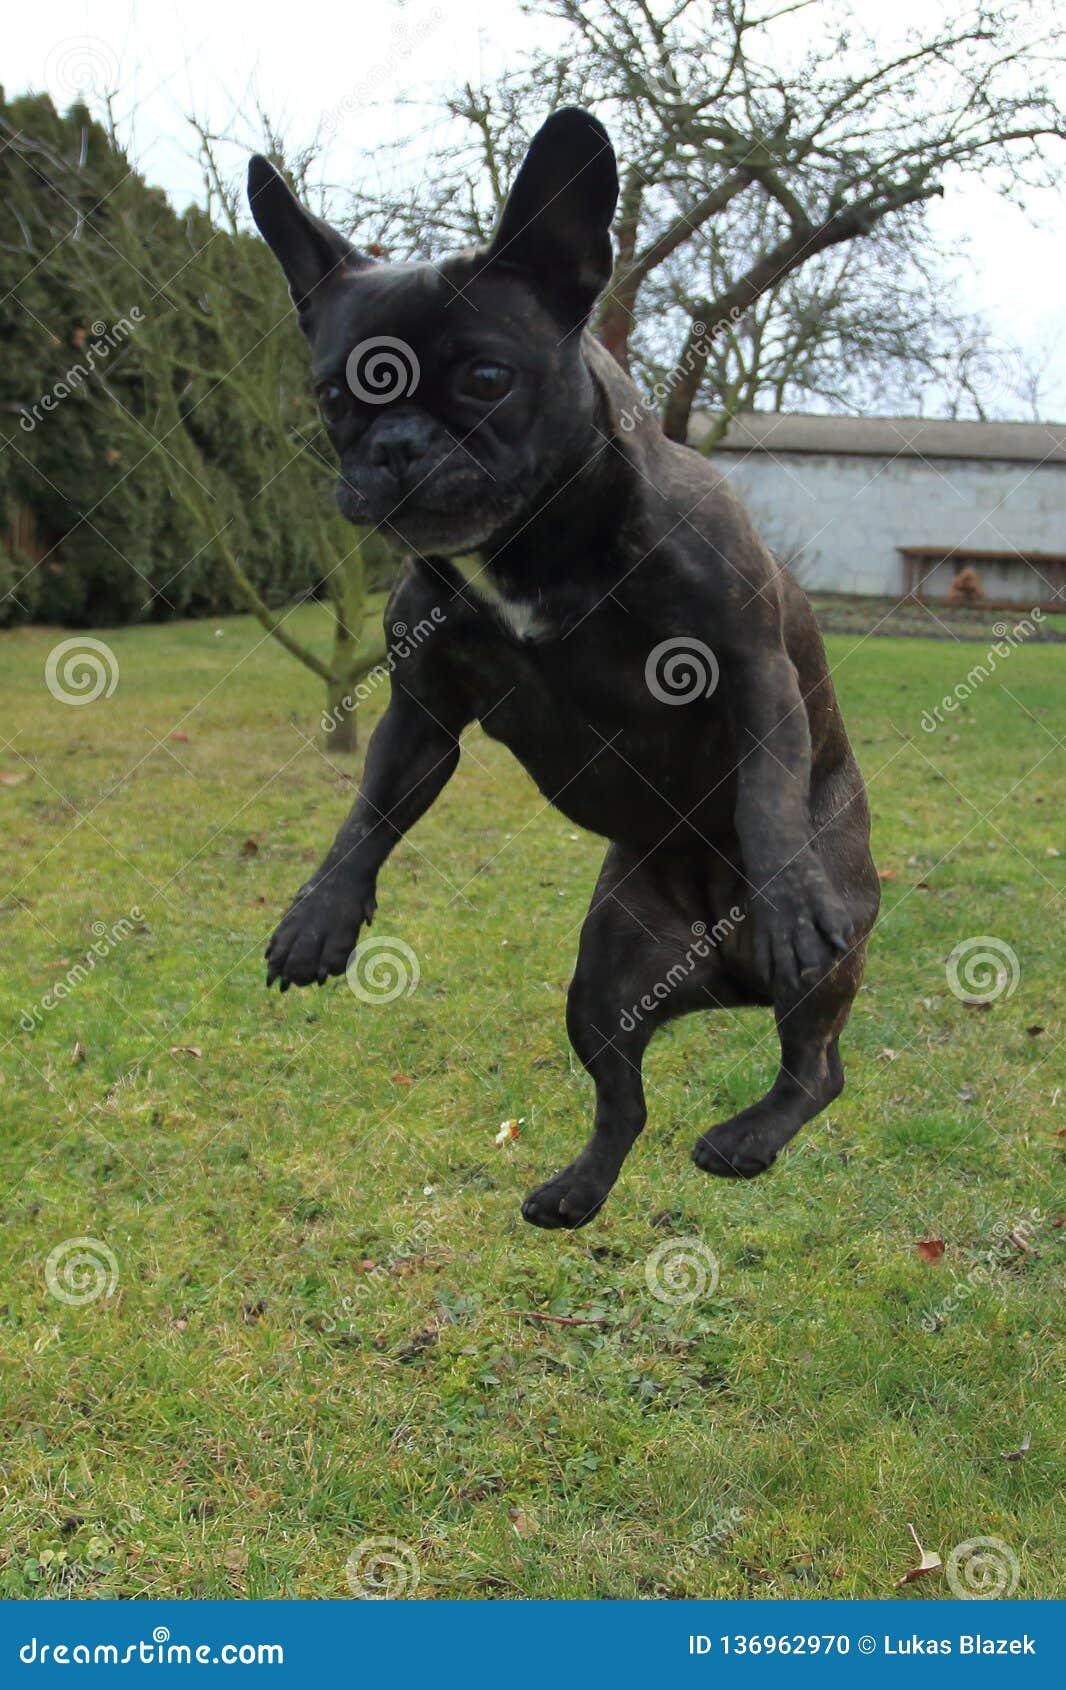 Jumping french bulldog